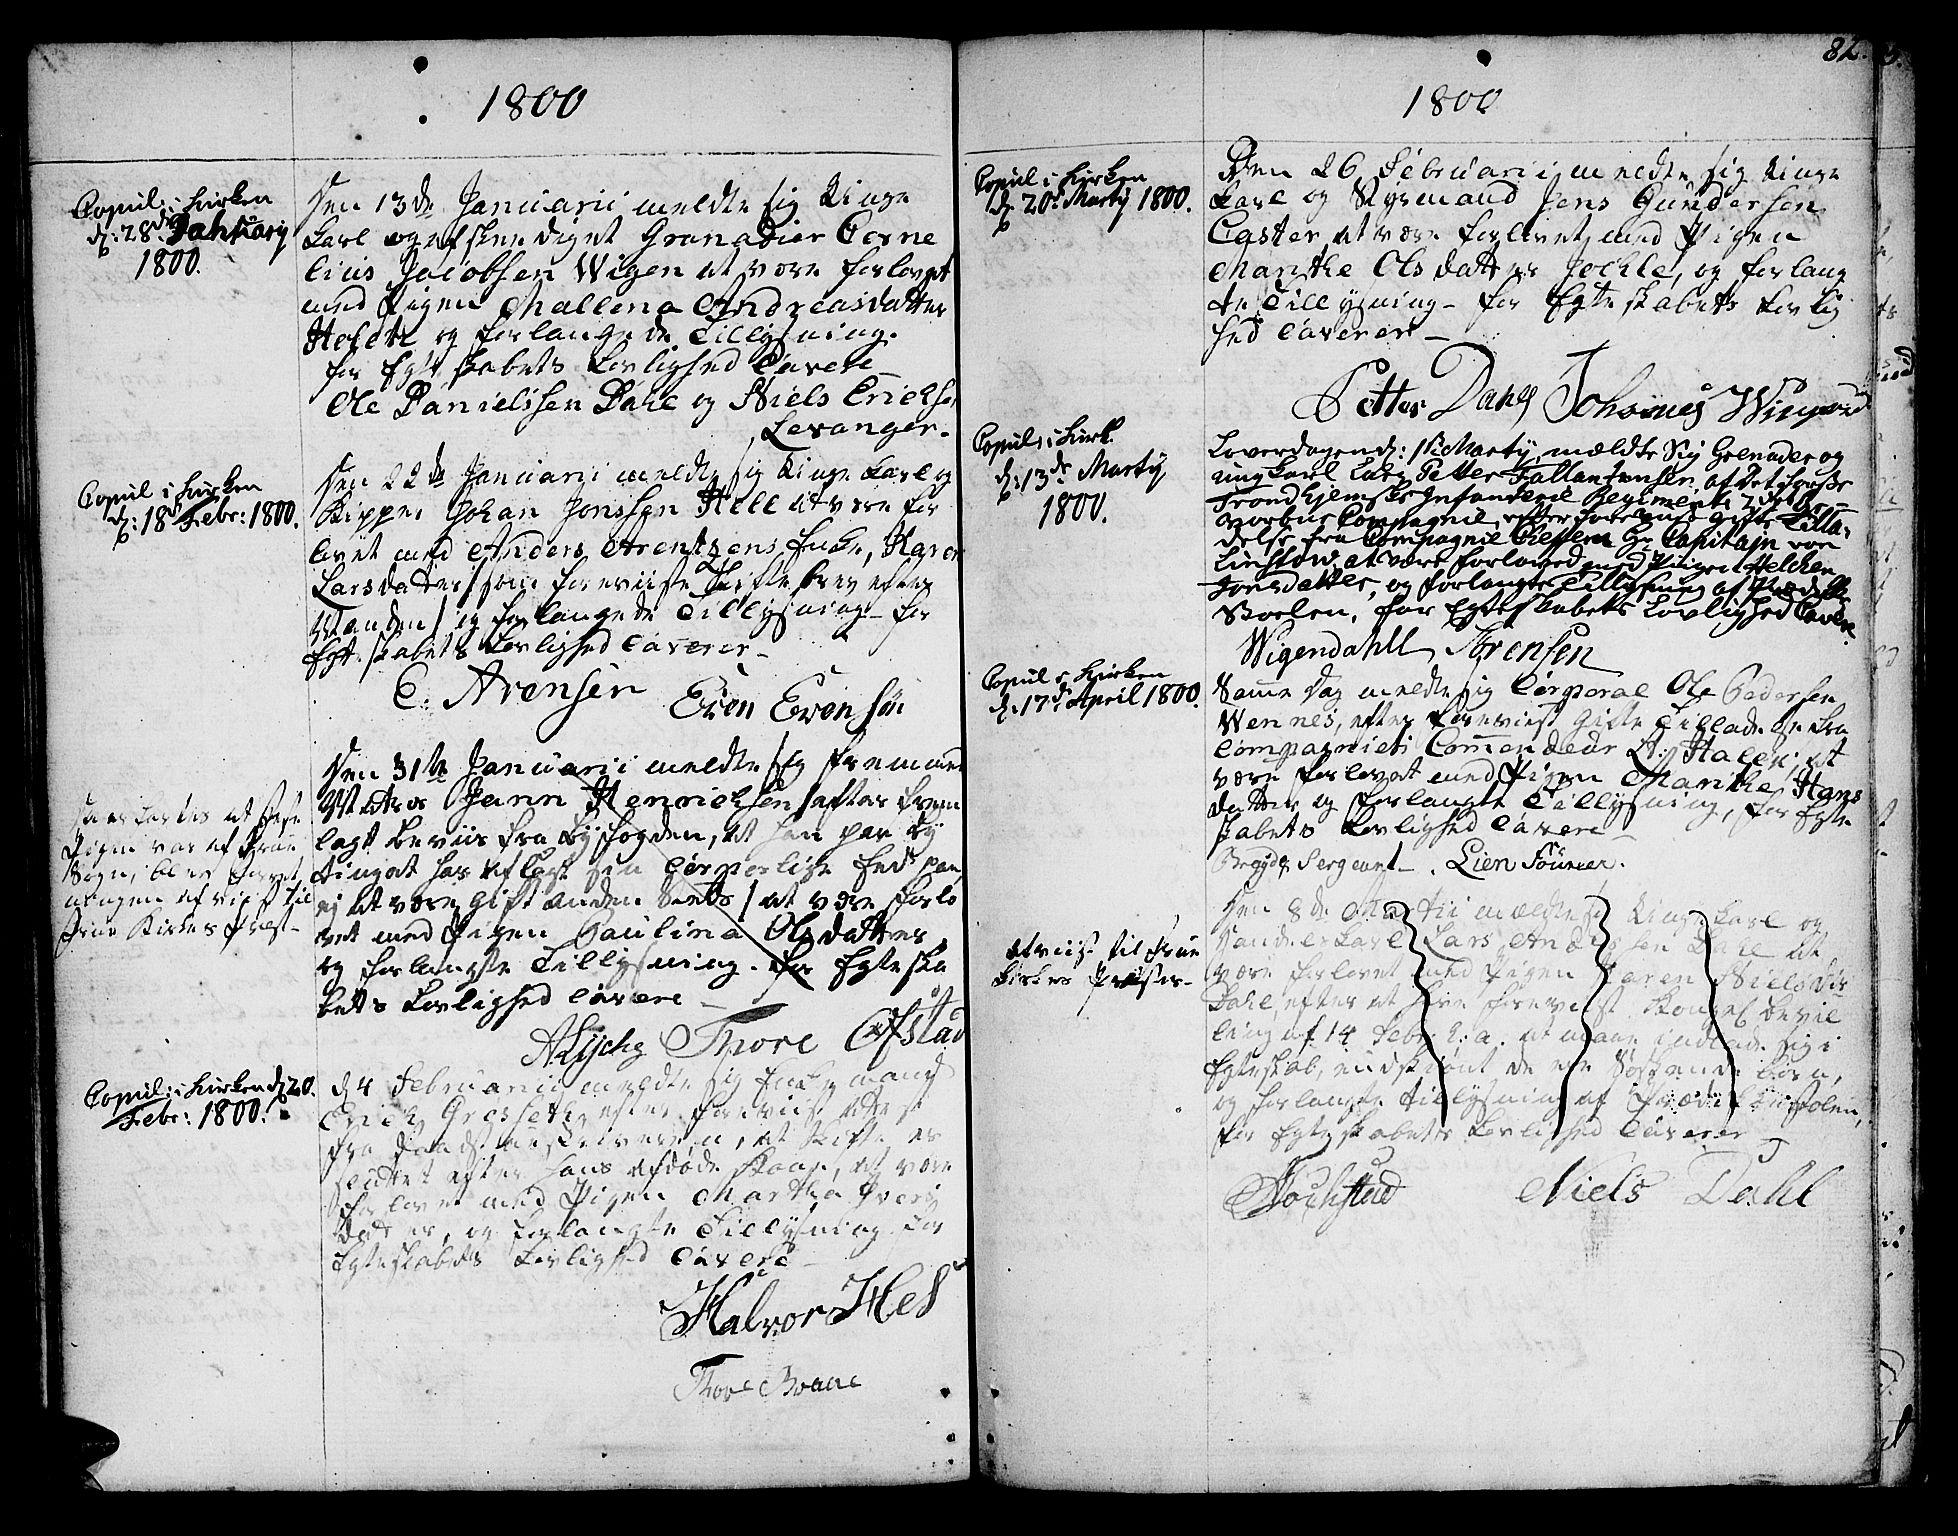 SAT, Ministerialprotokoller, klokkerbøker og fødselsregistre - Sør-Trøndelag, 601/L0041: Ministerialbok nr. 601A09, 1784-1801, s. 82